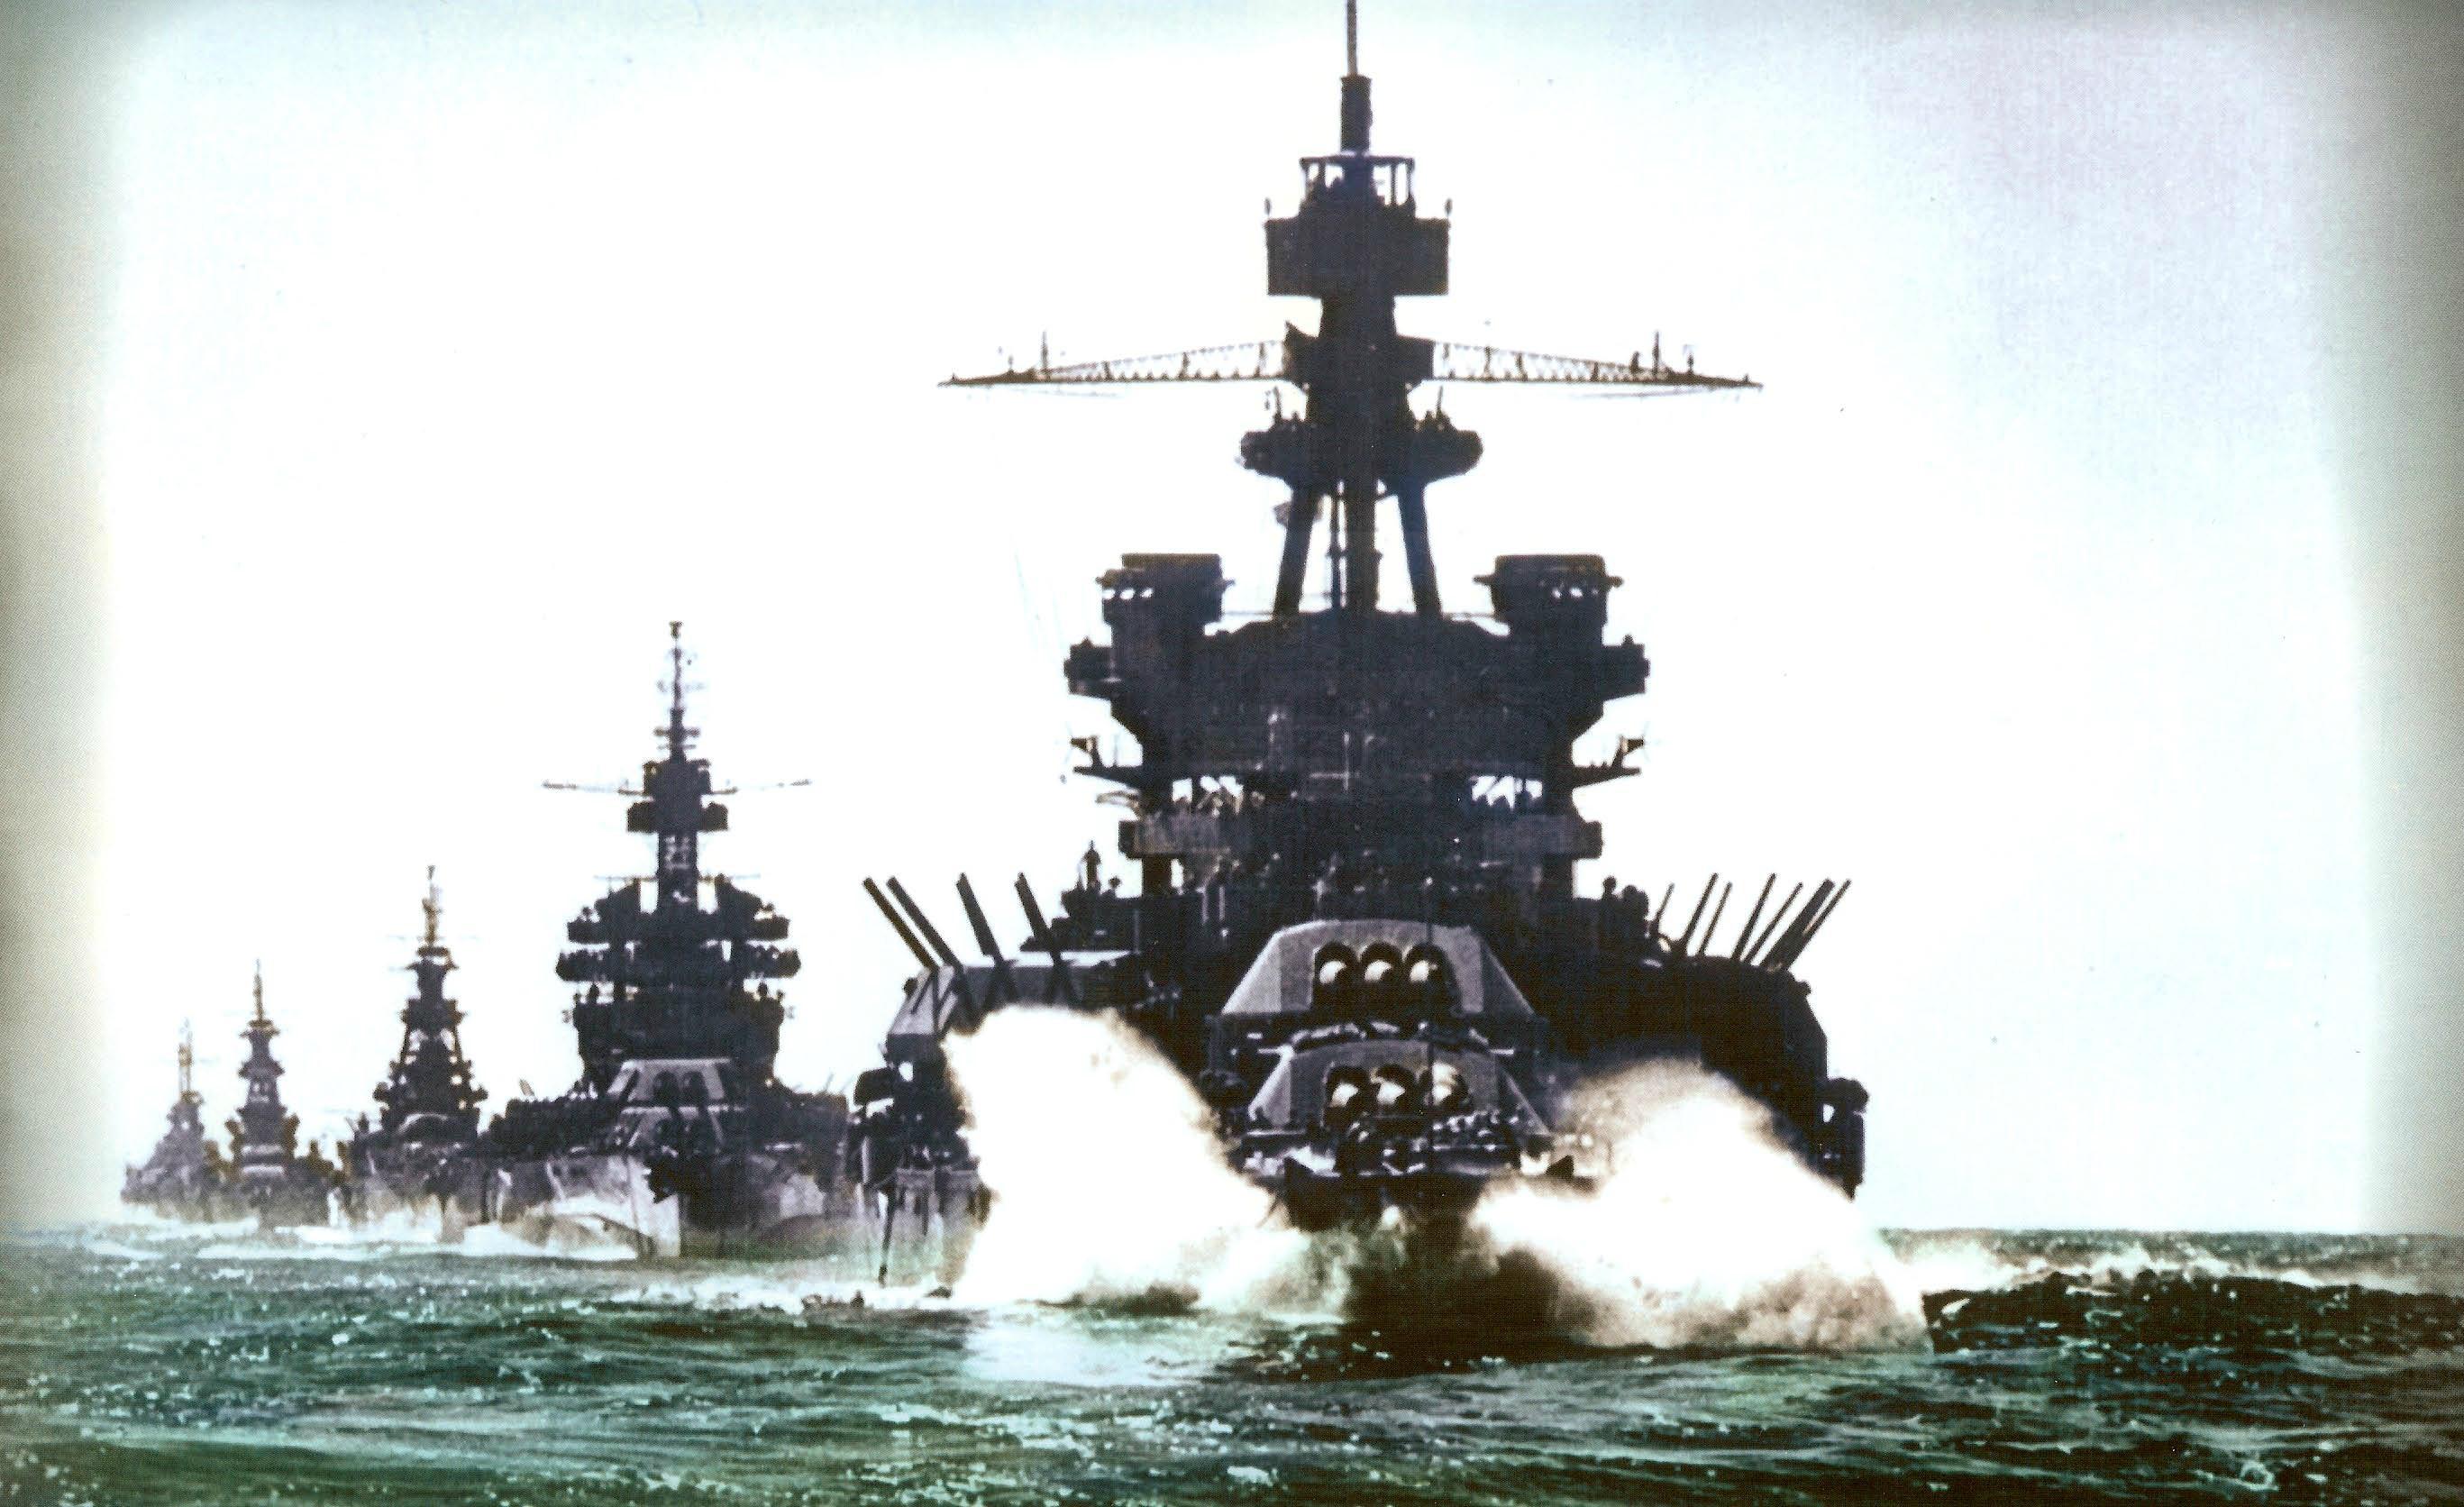 KMS Bismark under Swordfish attack | WWII Naval | Pinterest ...